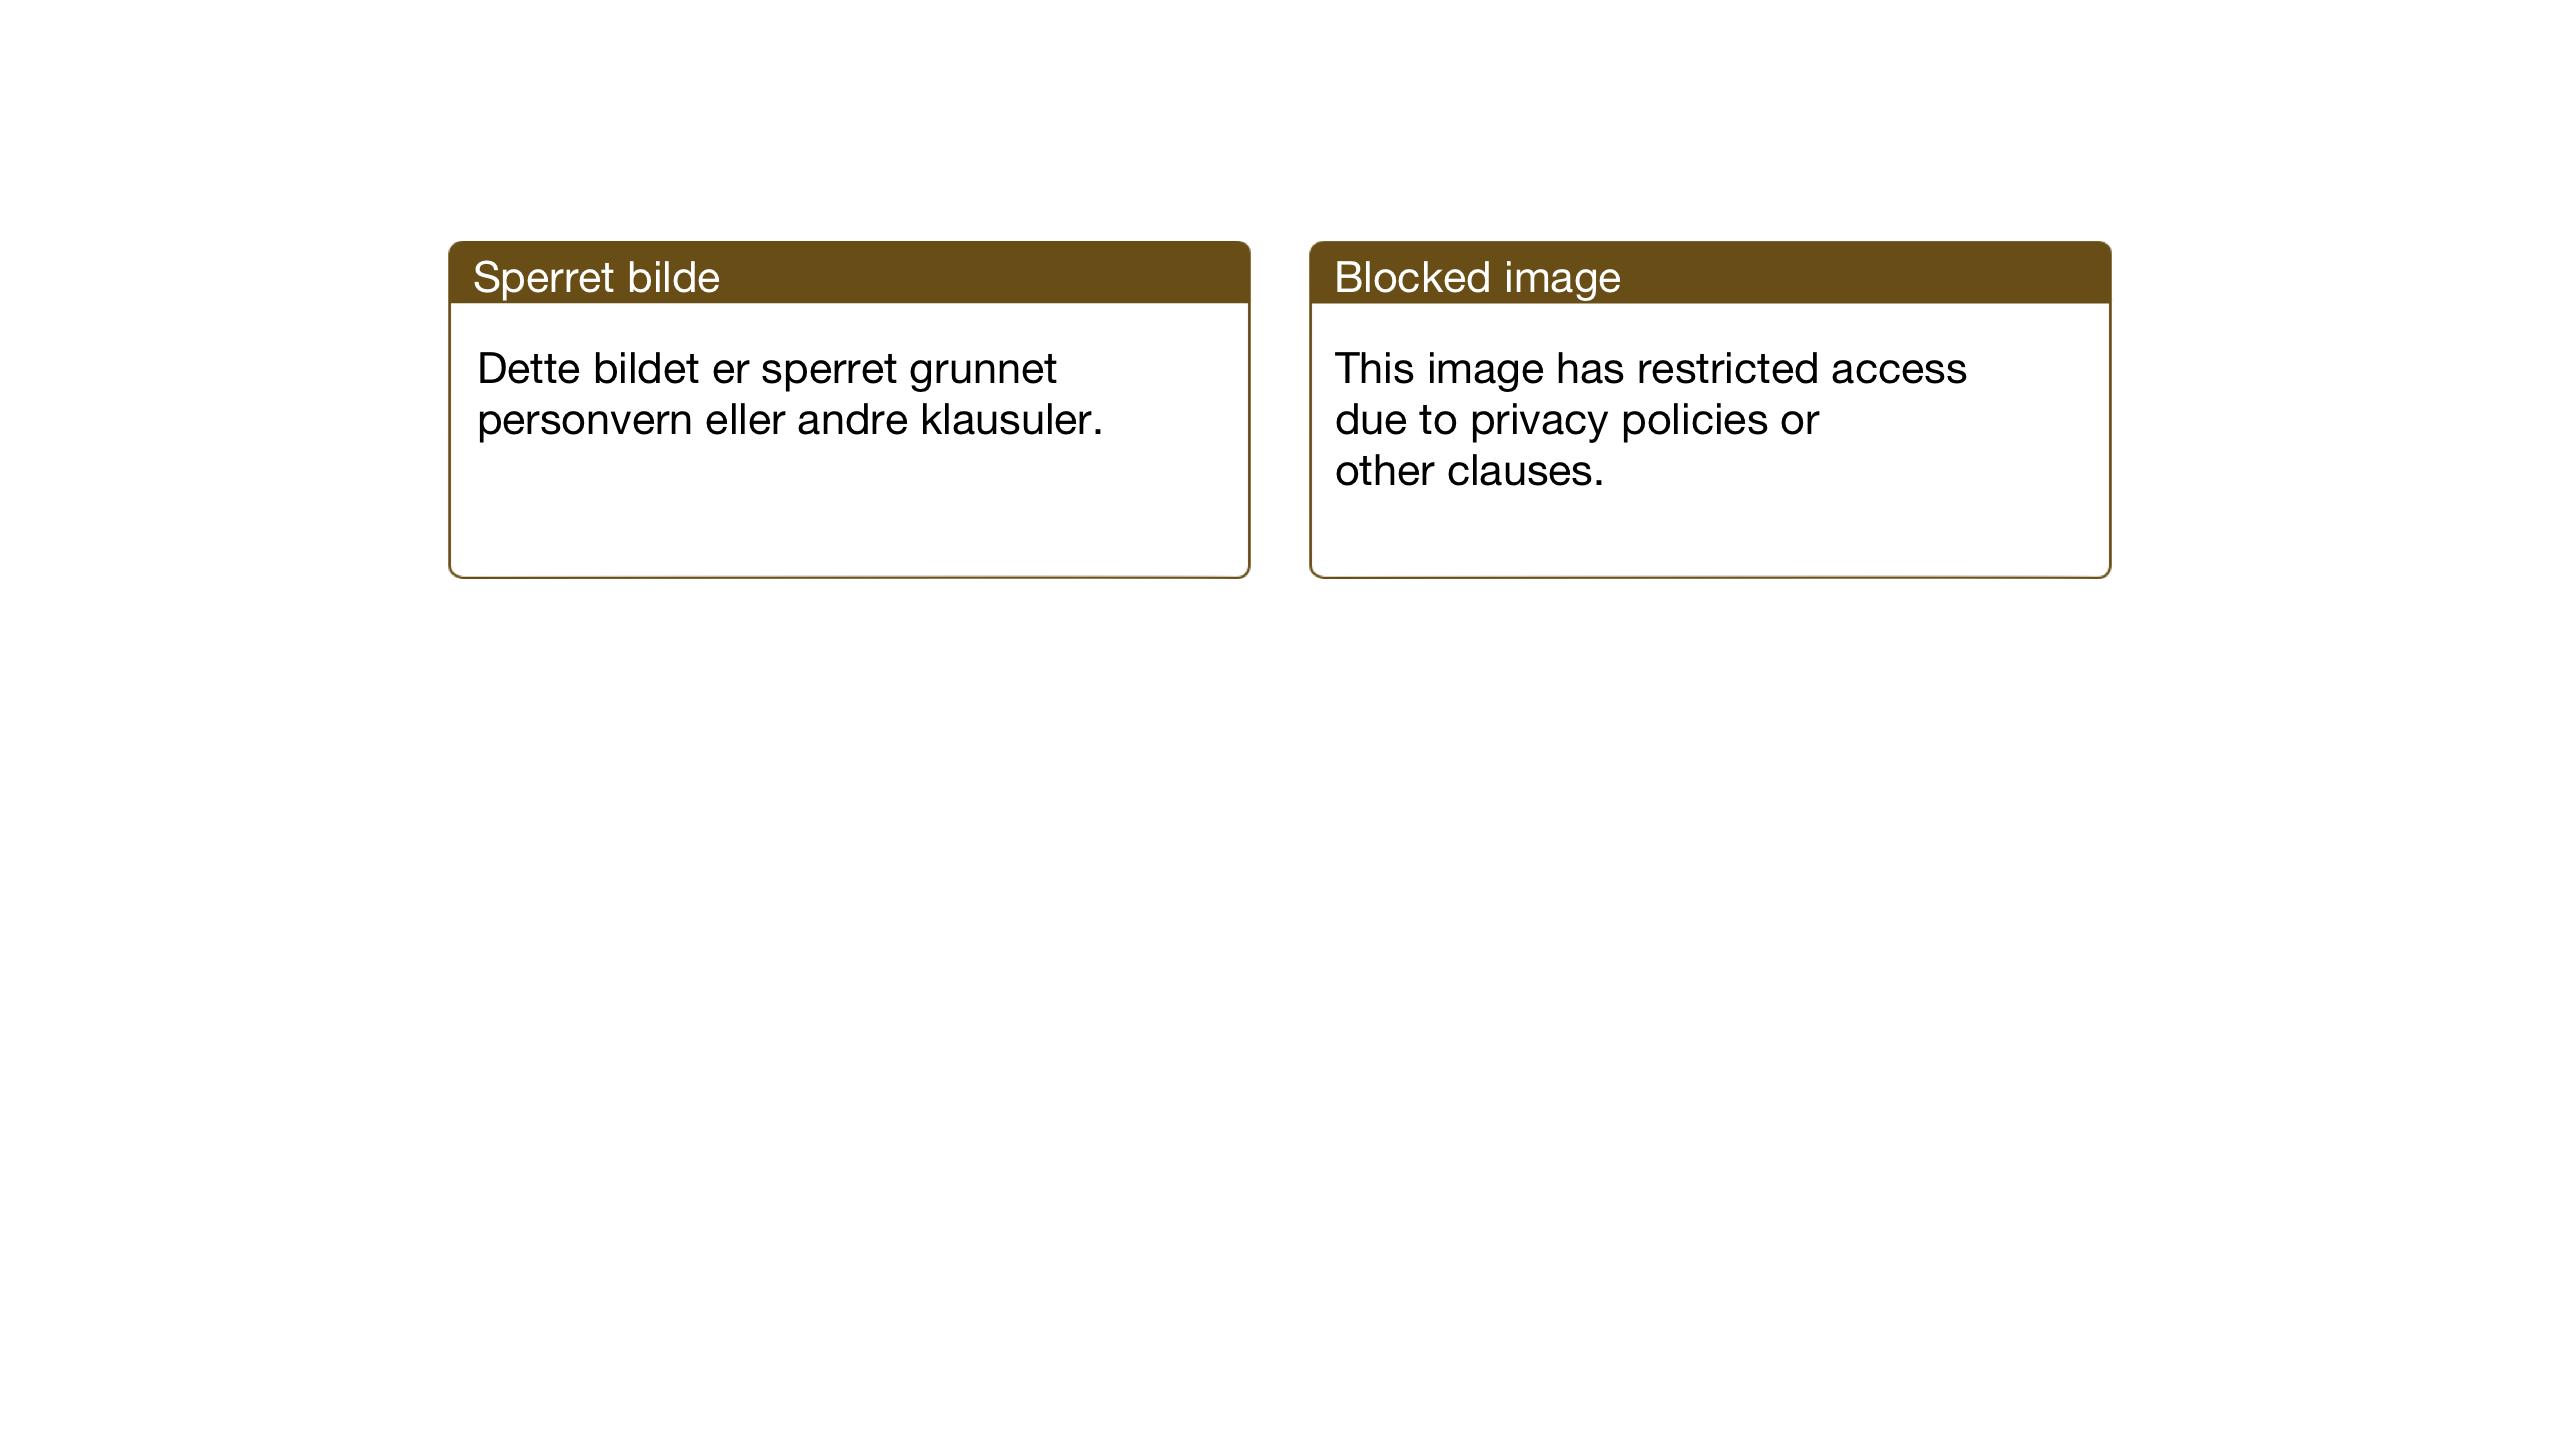 SAT, Ministerialprotokoller, klokkerbøker og fødselsregistre - Sør-Trøndelag, 637/L0564: Klokkerbok nr. 637C05, 1928-1968, s. 221